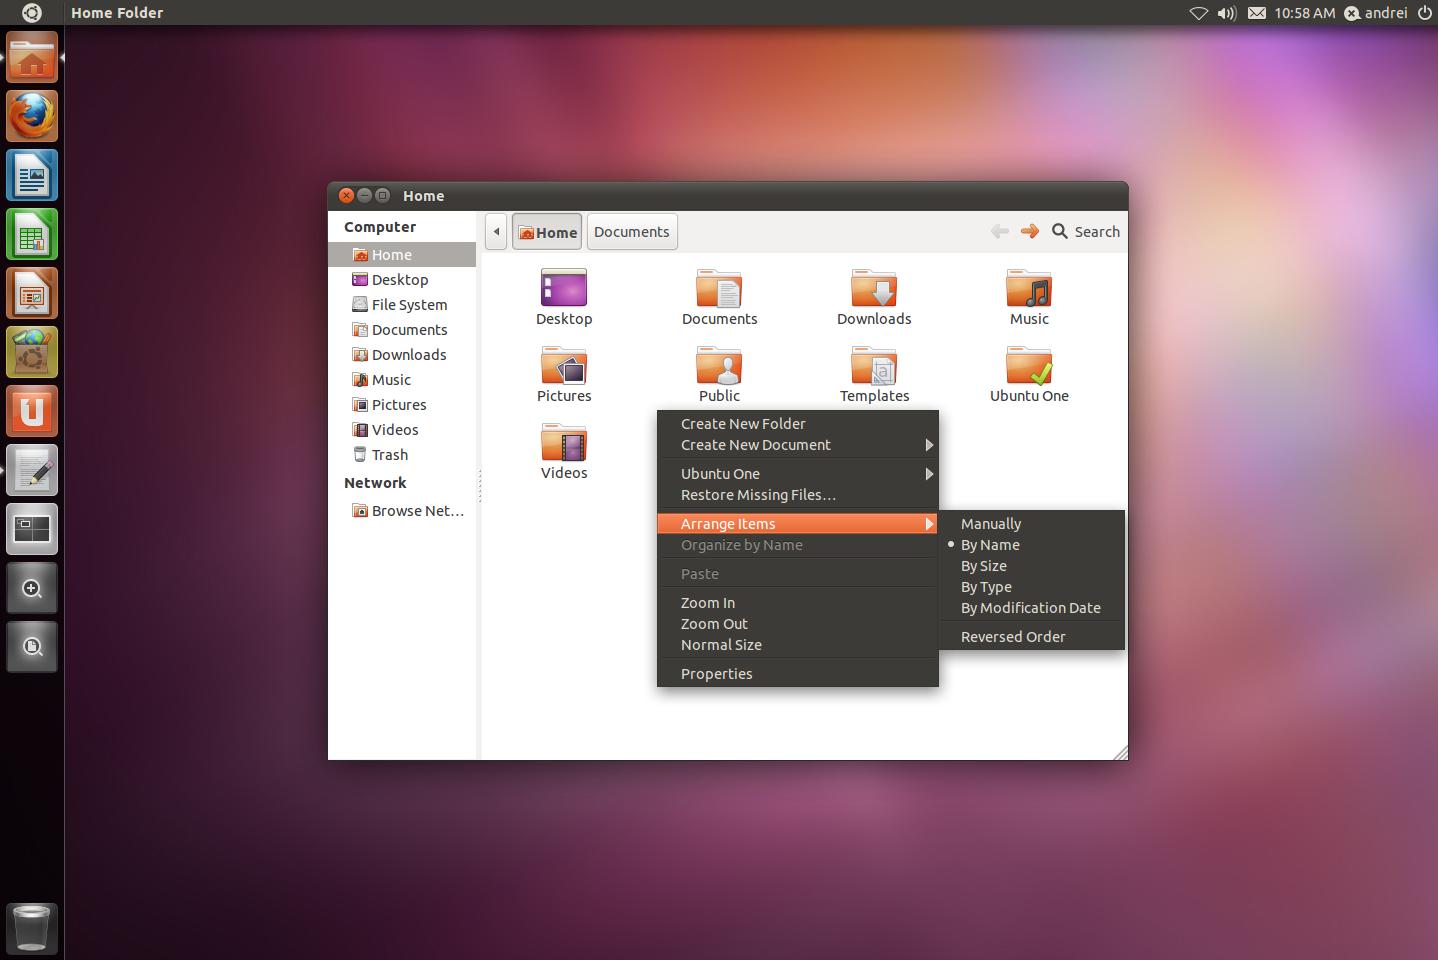 Oneiric Ocelot Themes Ubuntu 11.10 Oneiric Ocelot